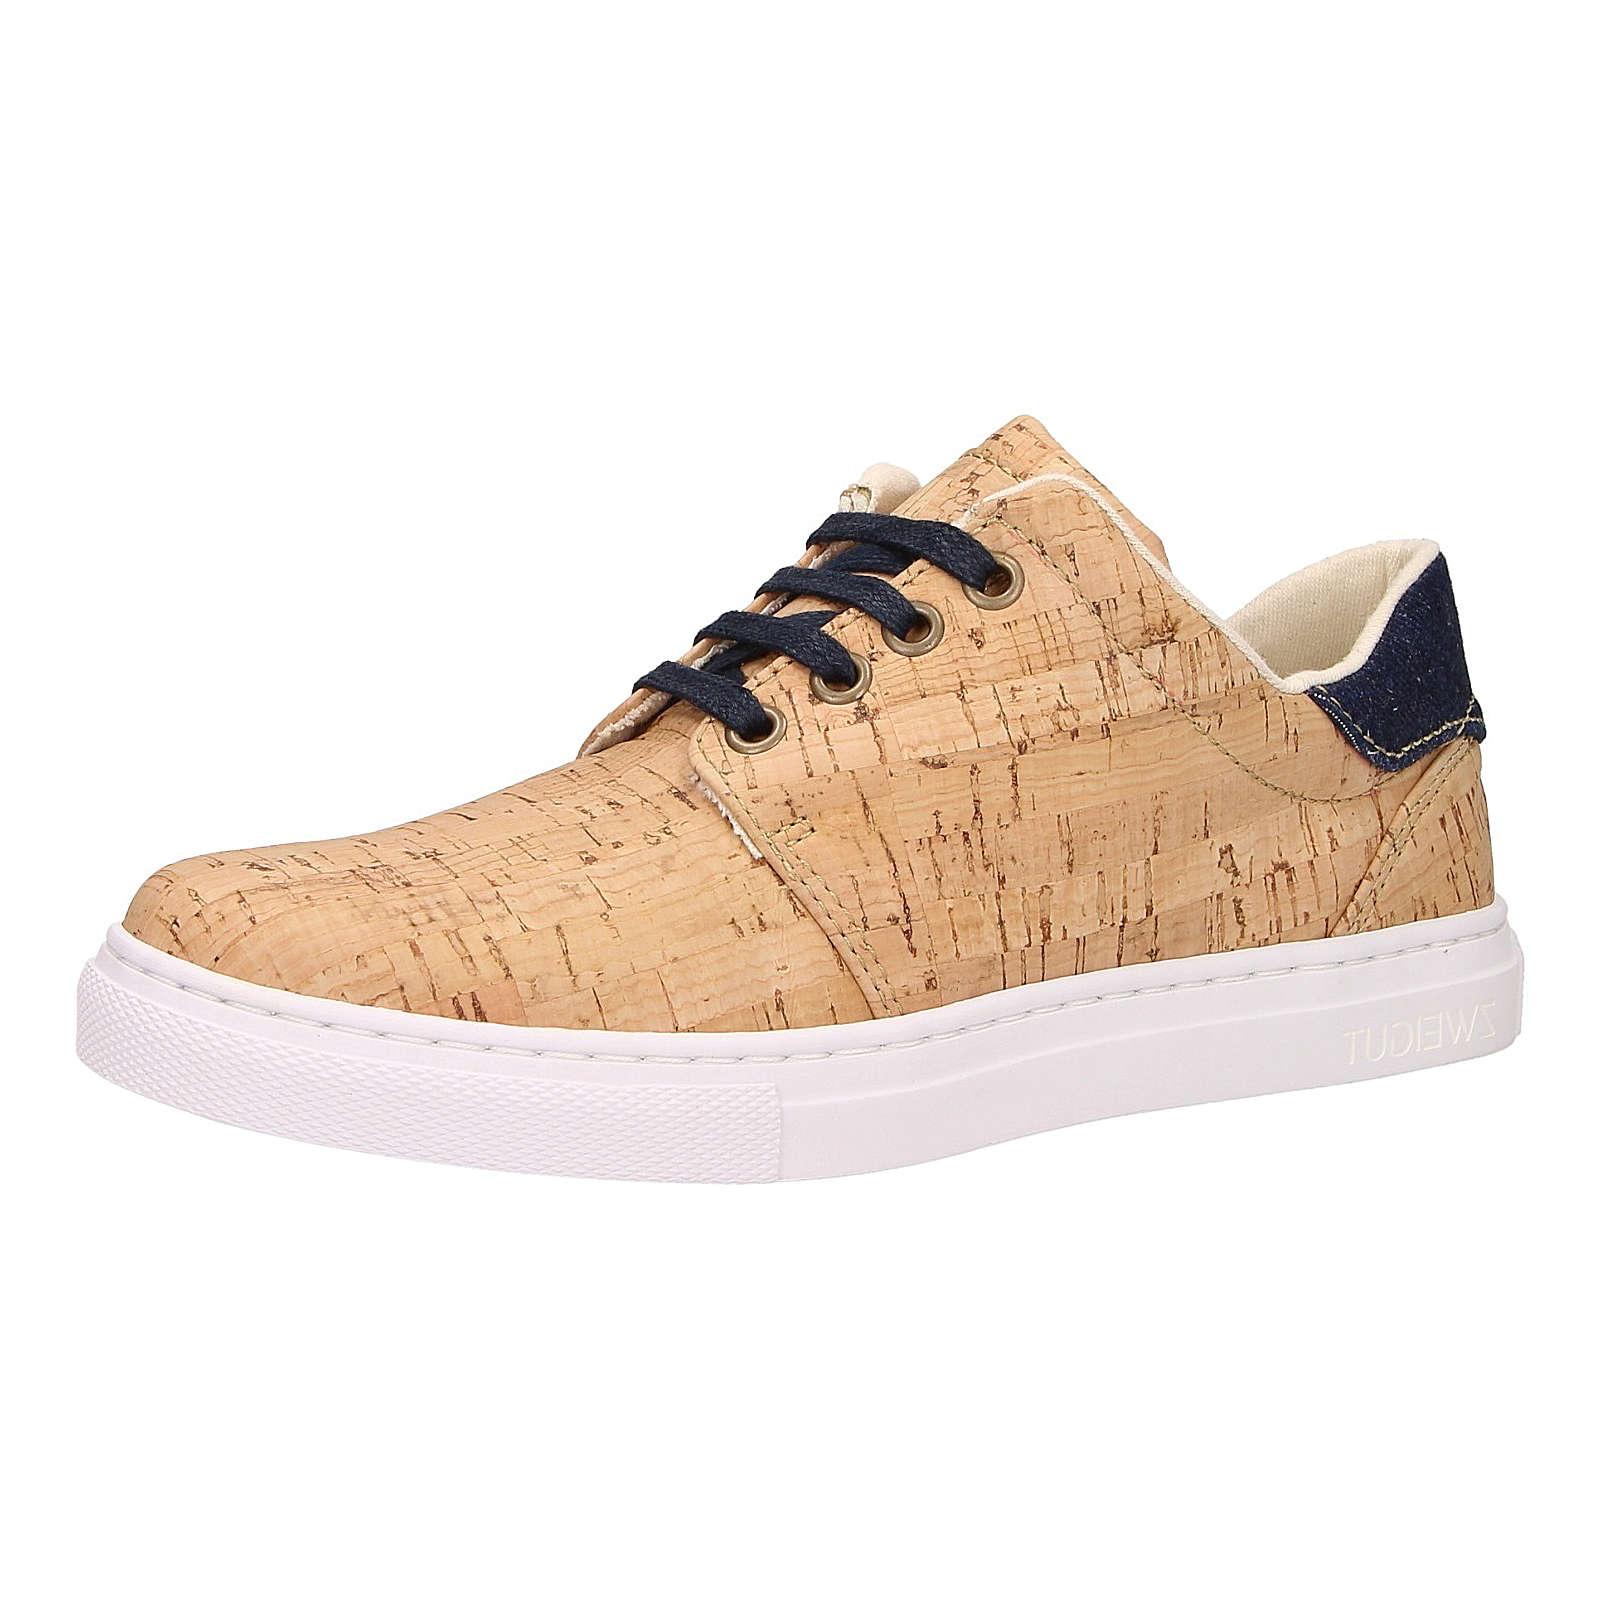 ZWEIGUT® Korkschuhe echt #401 vegane Damen Sneaker + nachhaltig aus echtem Kork blau-kombi Damen Gr. 36